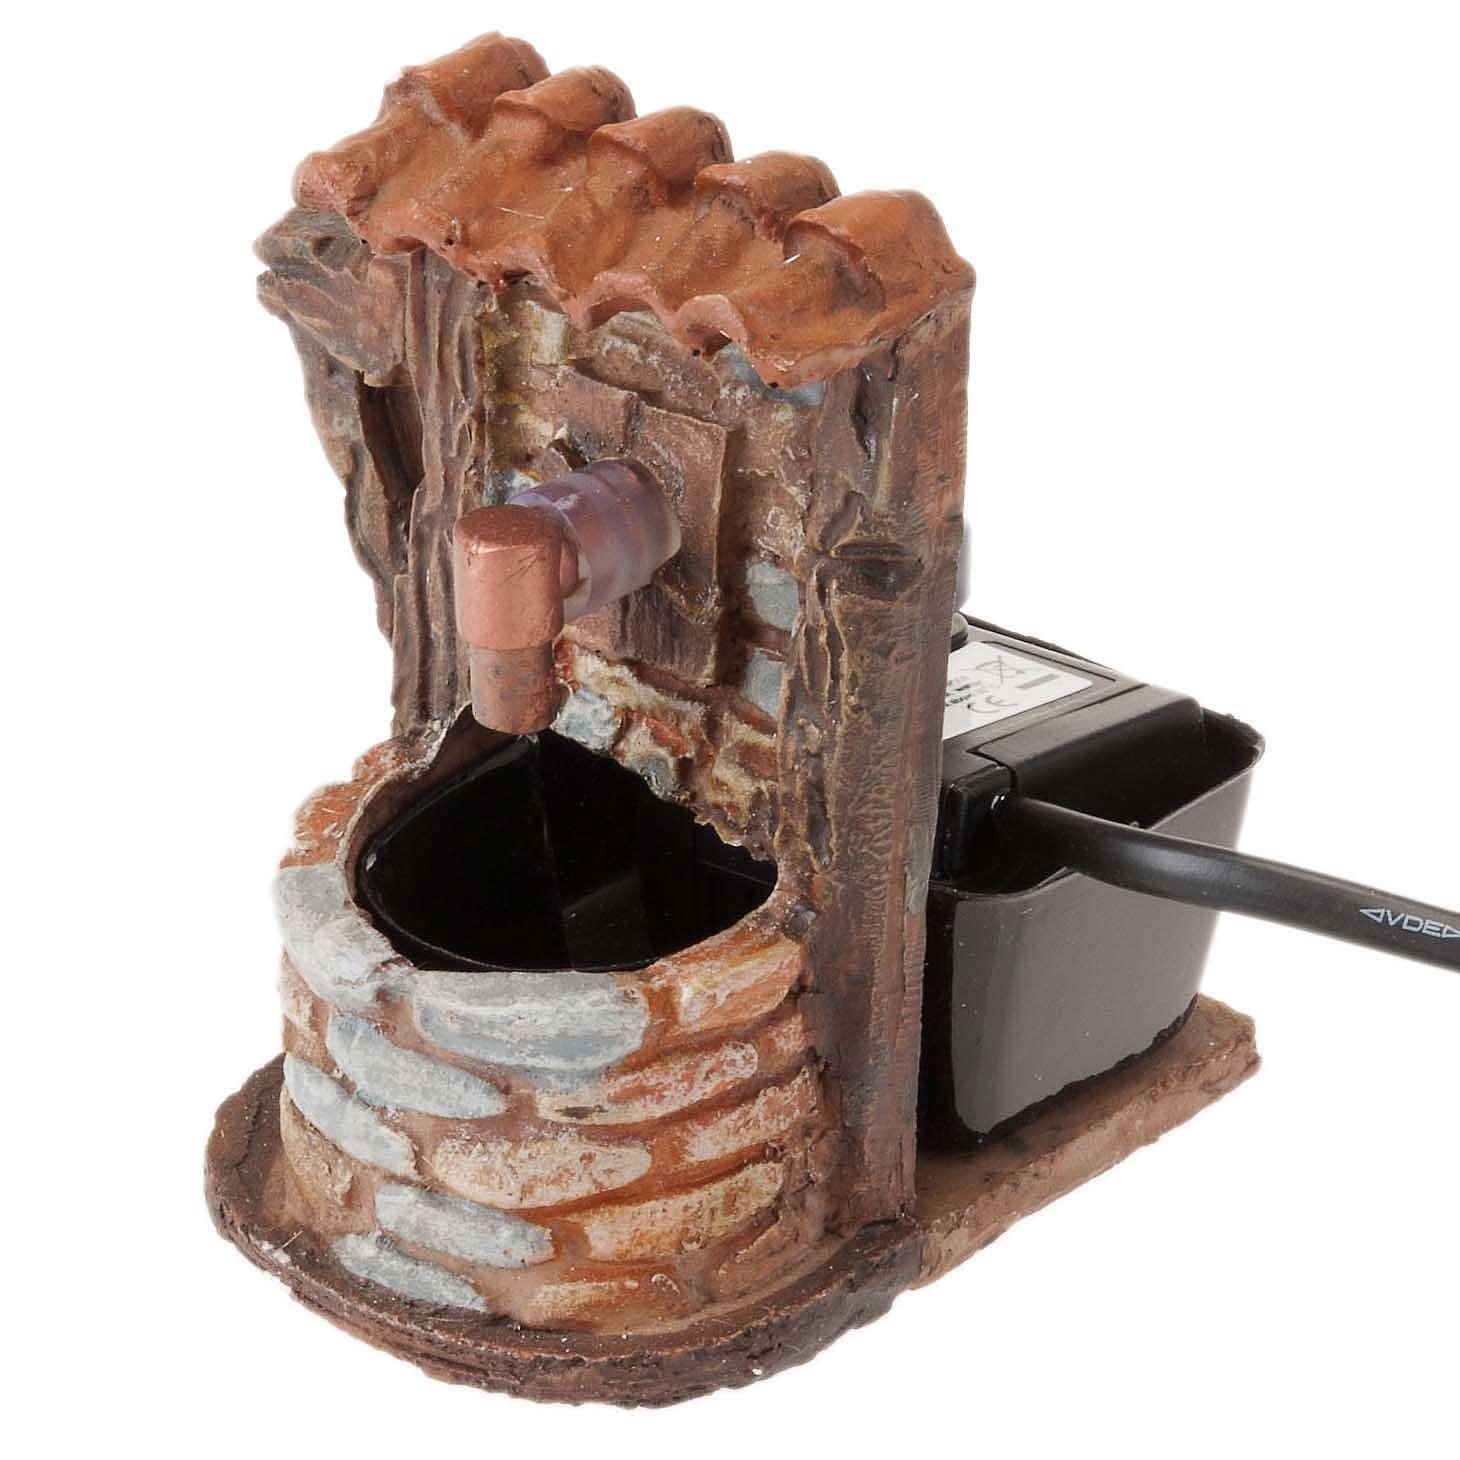 brunnen mit ziegelsteinen und pumpe 9x7x10 | online verfauf auf holyart